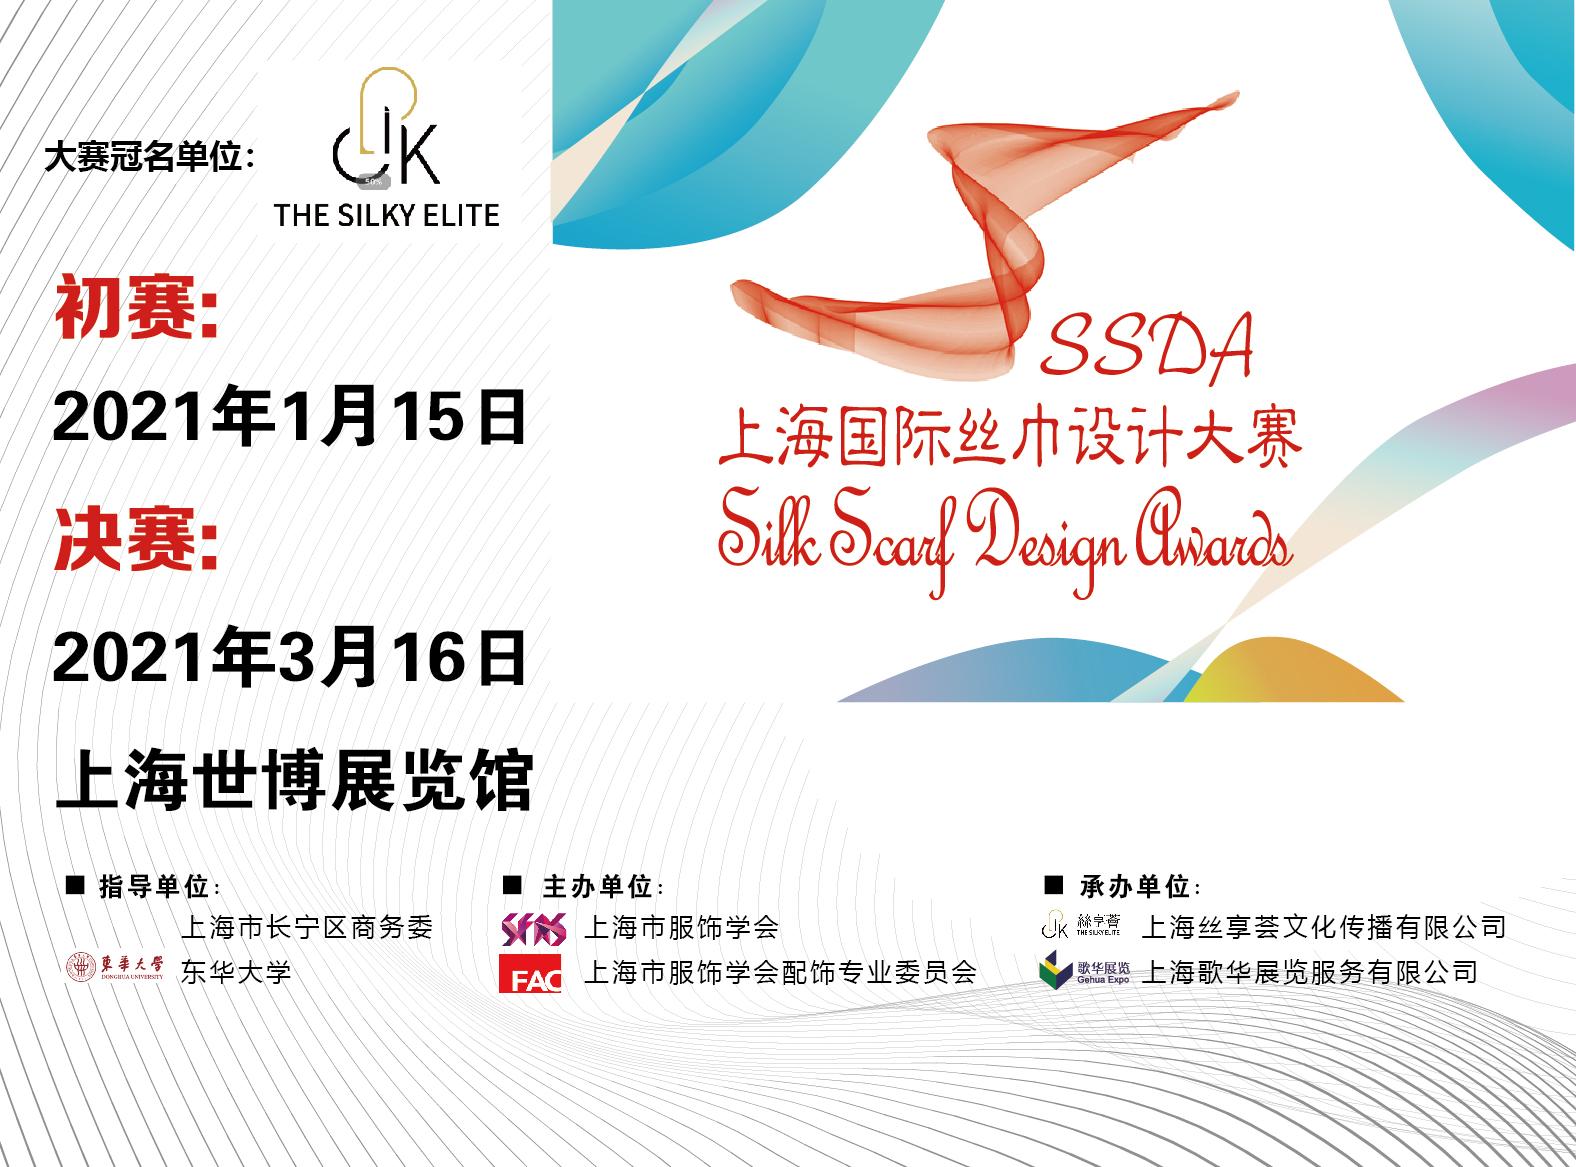 """""""丝享荟杯"""" 2021上海国际丝巾设计大赛征稿启事"""